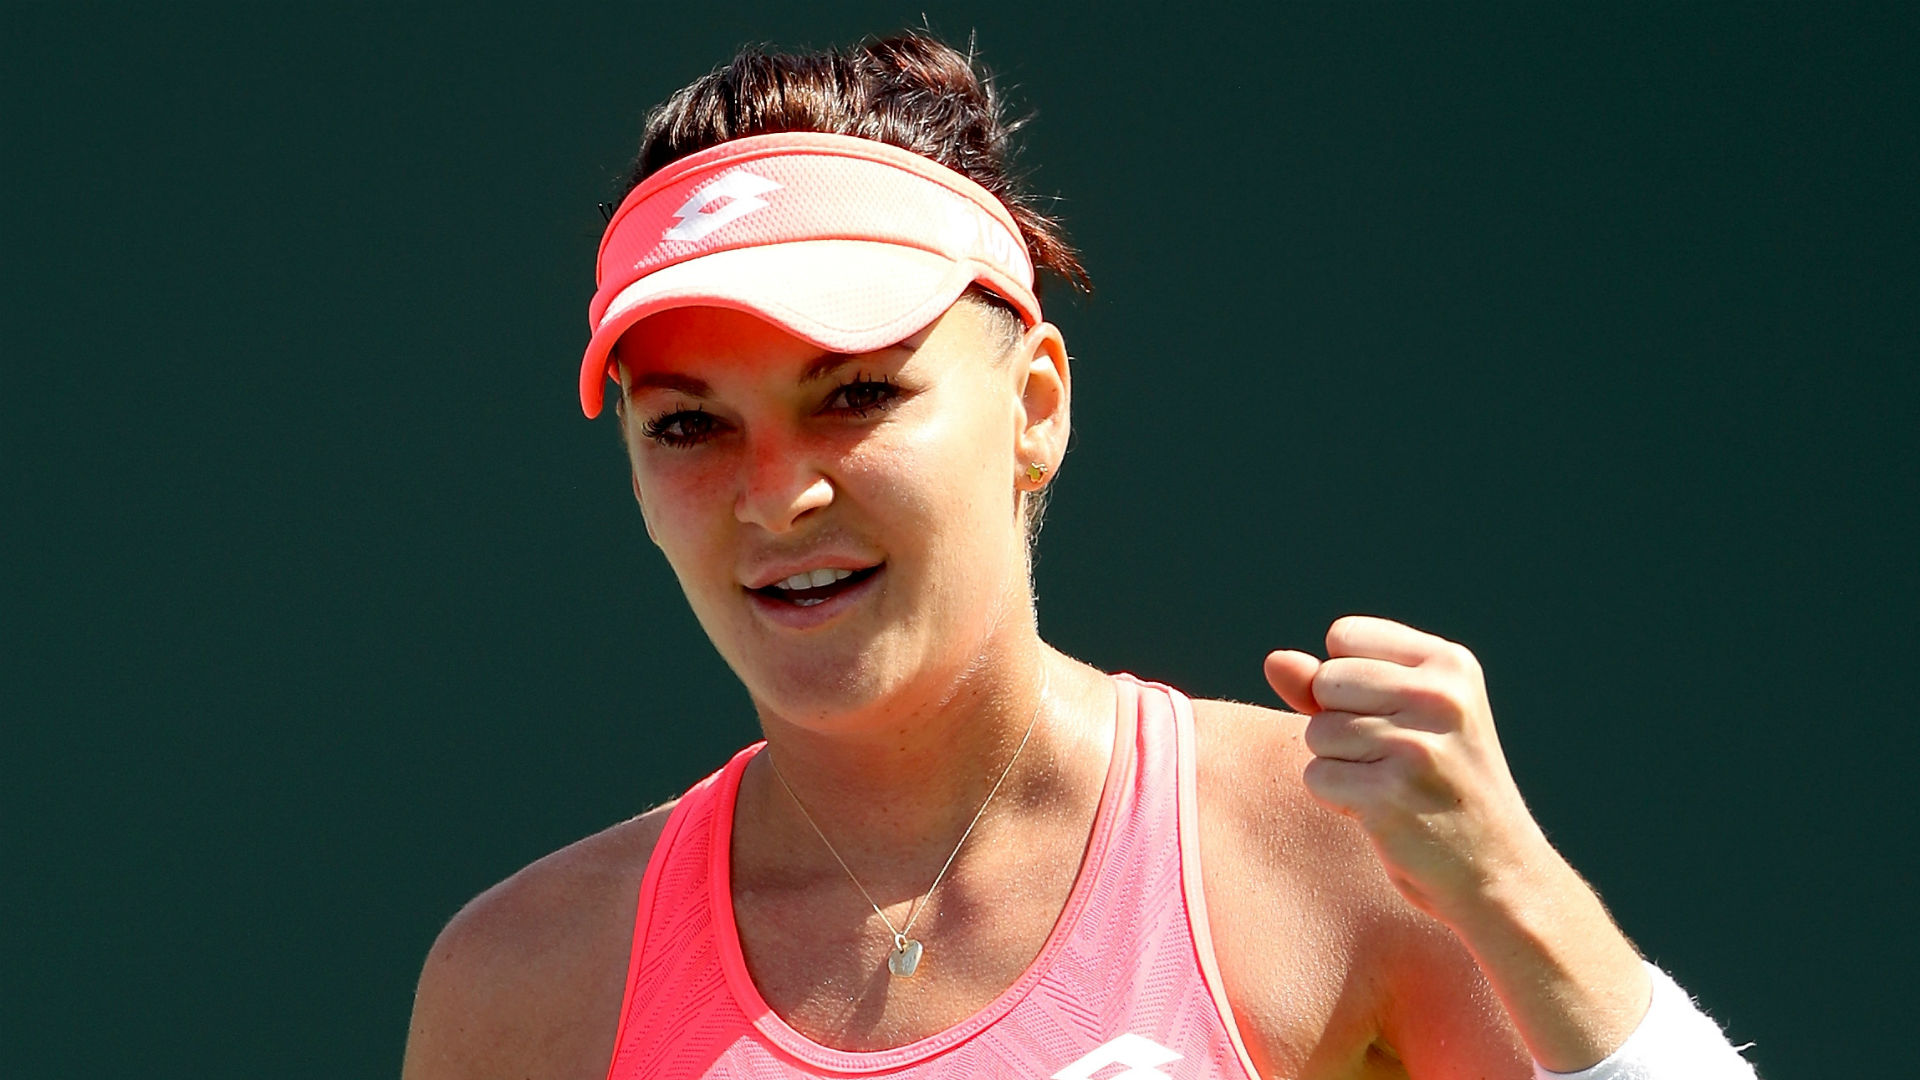 Agnieszka Radwanska retires from tennis at 29